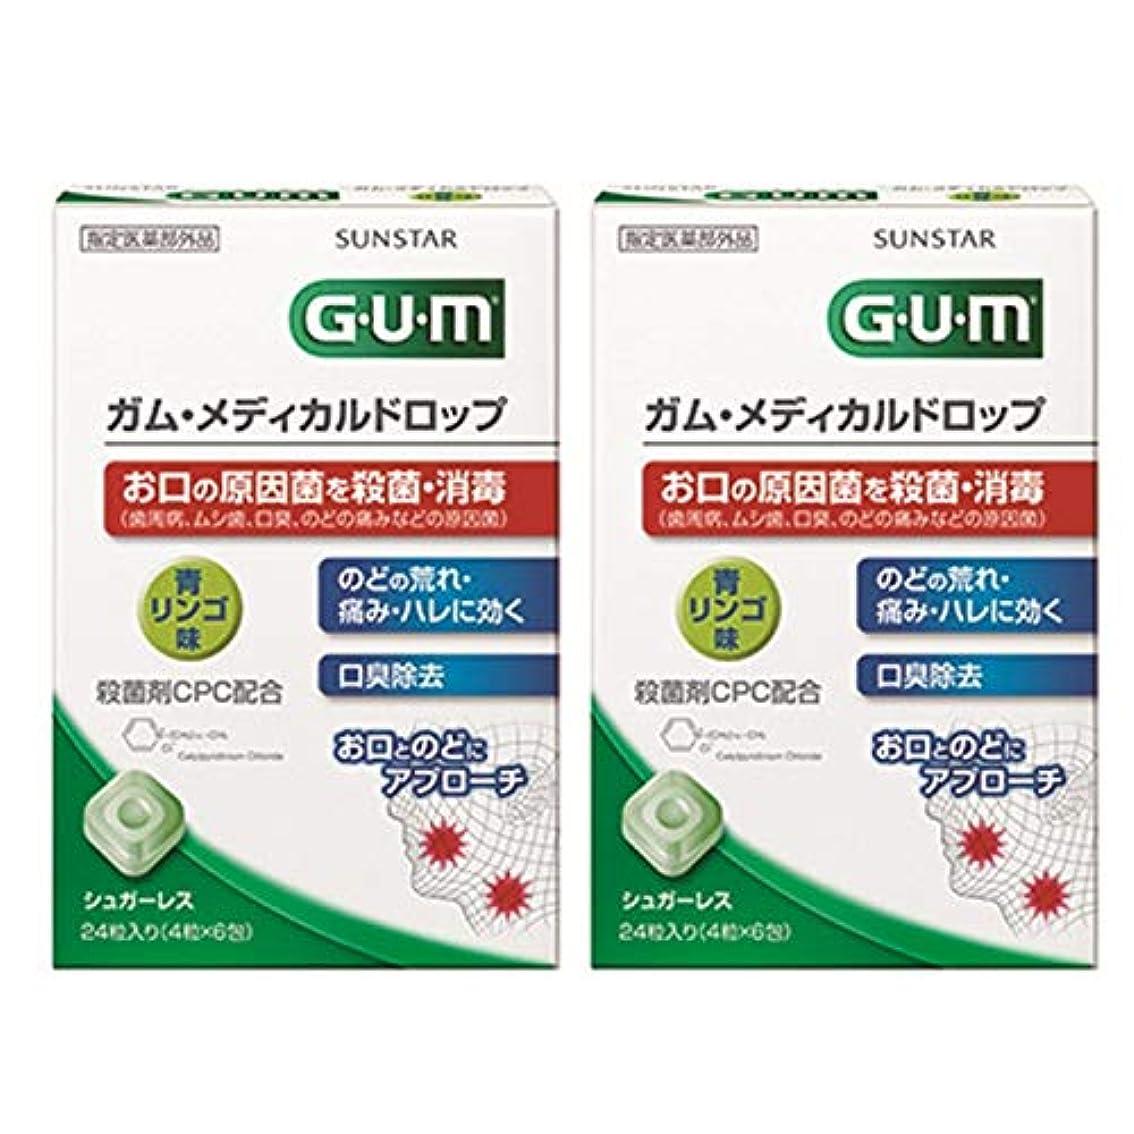 してはいけない三角形岸[指定医薬部外品] GUM(ガム) メディカルドロップ 青リンゴ味 2個パック <口臭除去?のどの荒れ、痛み、ハレ対策>